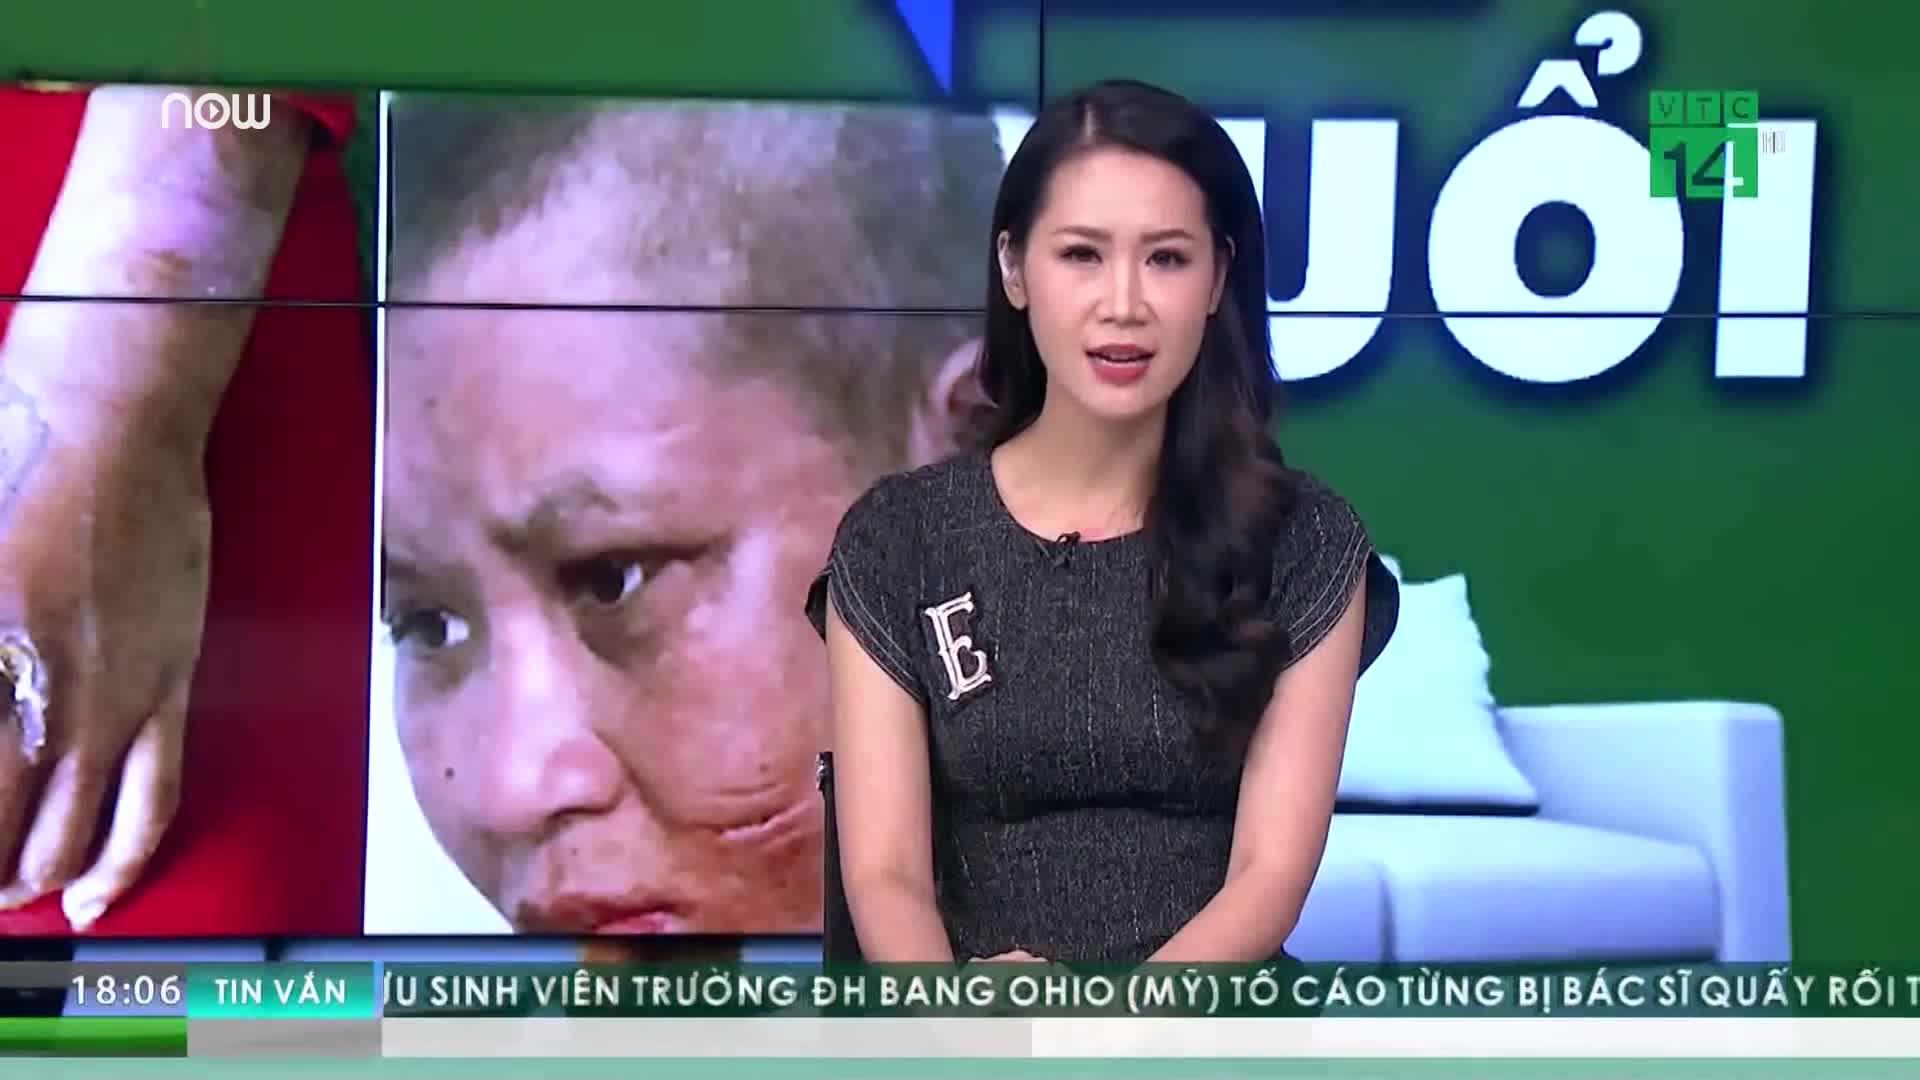 Phẫn nộ vụ cô gái làm thuê bị chủ tra tấn (Nguồn: VTC14)